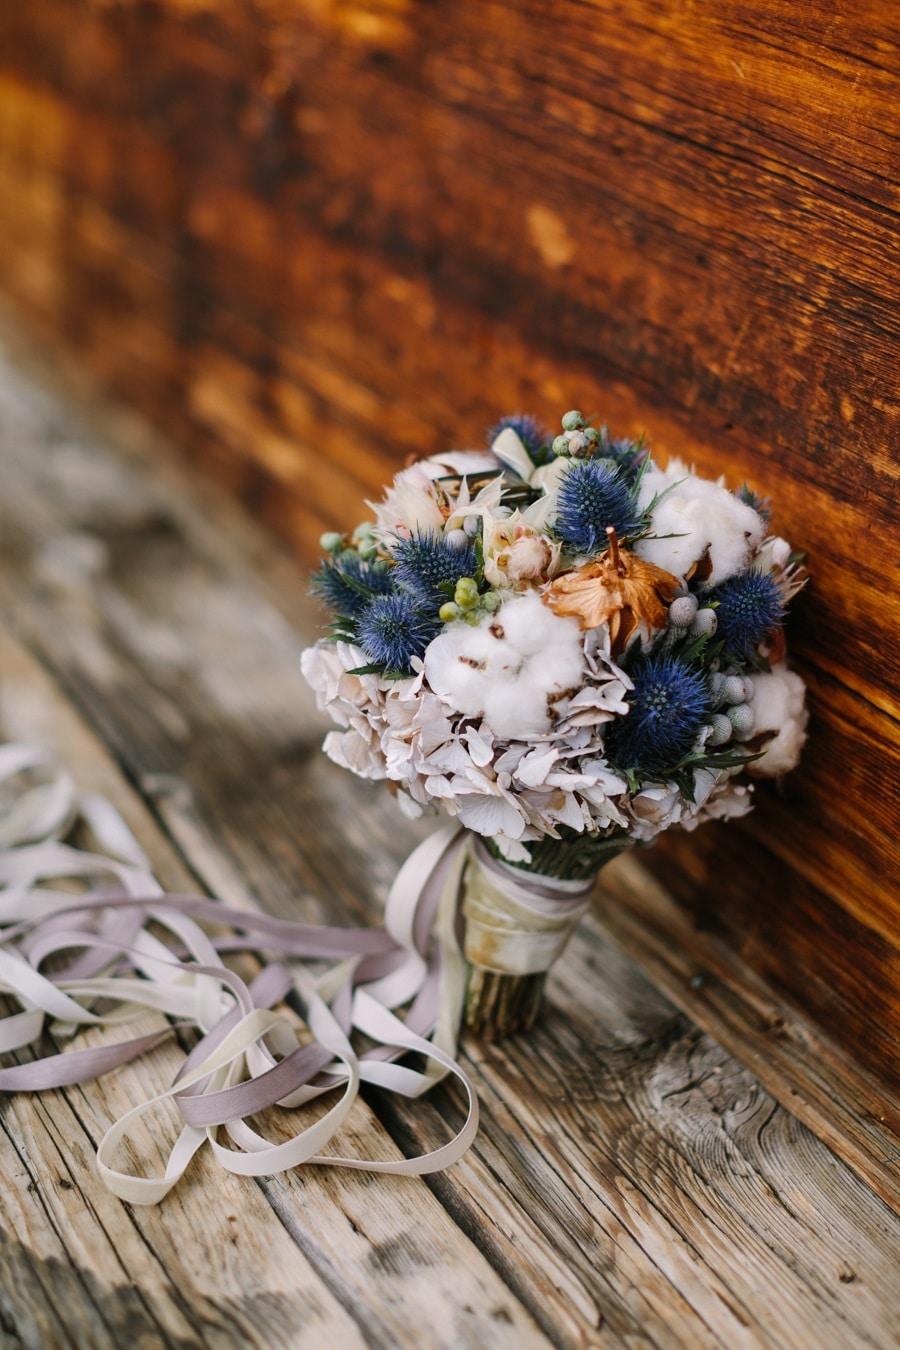 Kleiner Brautstrauss in Blau-Weiß für eine Berg- oder Trachtenhochzeit